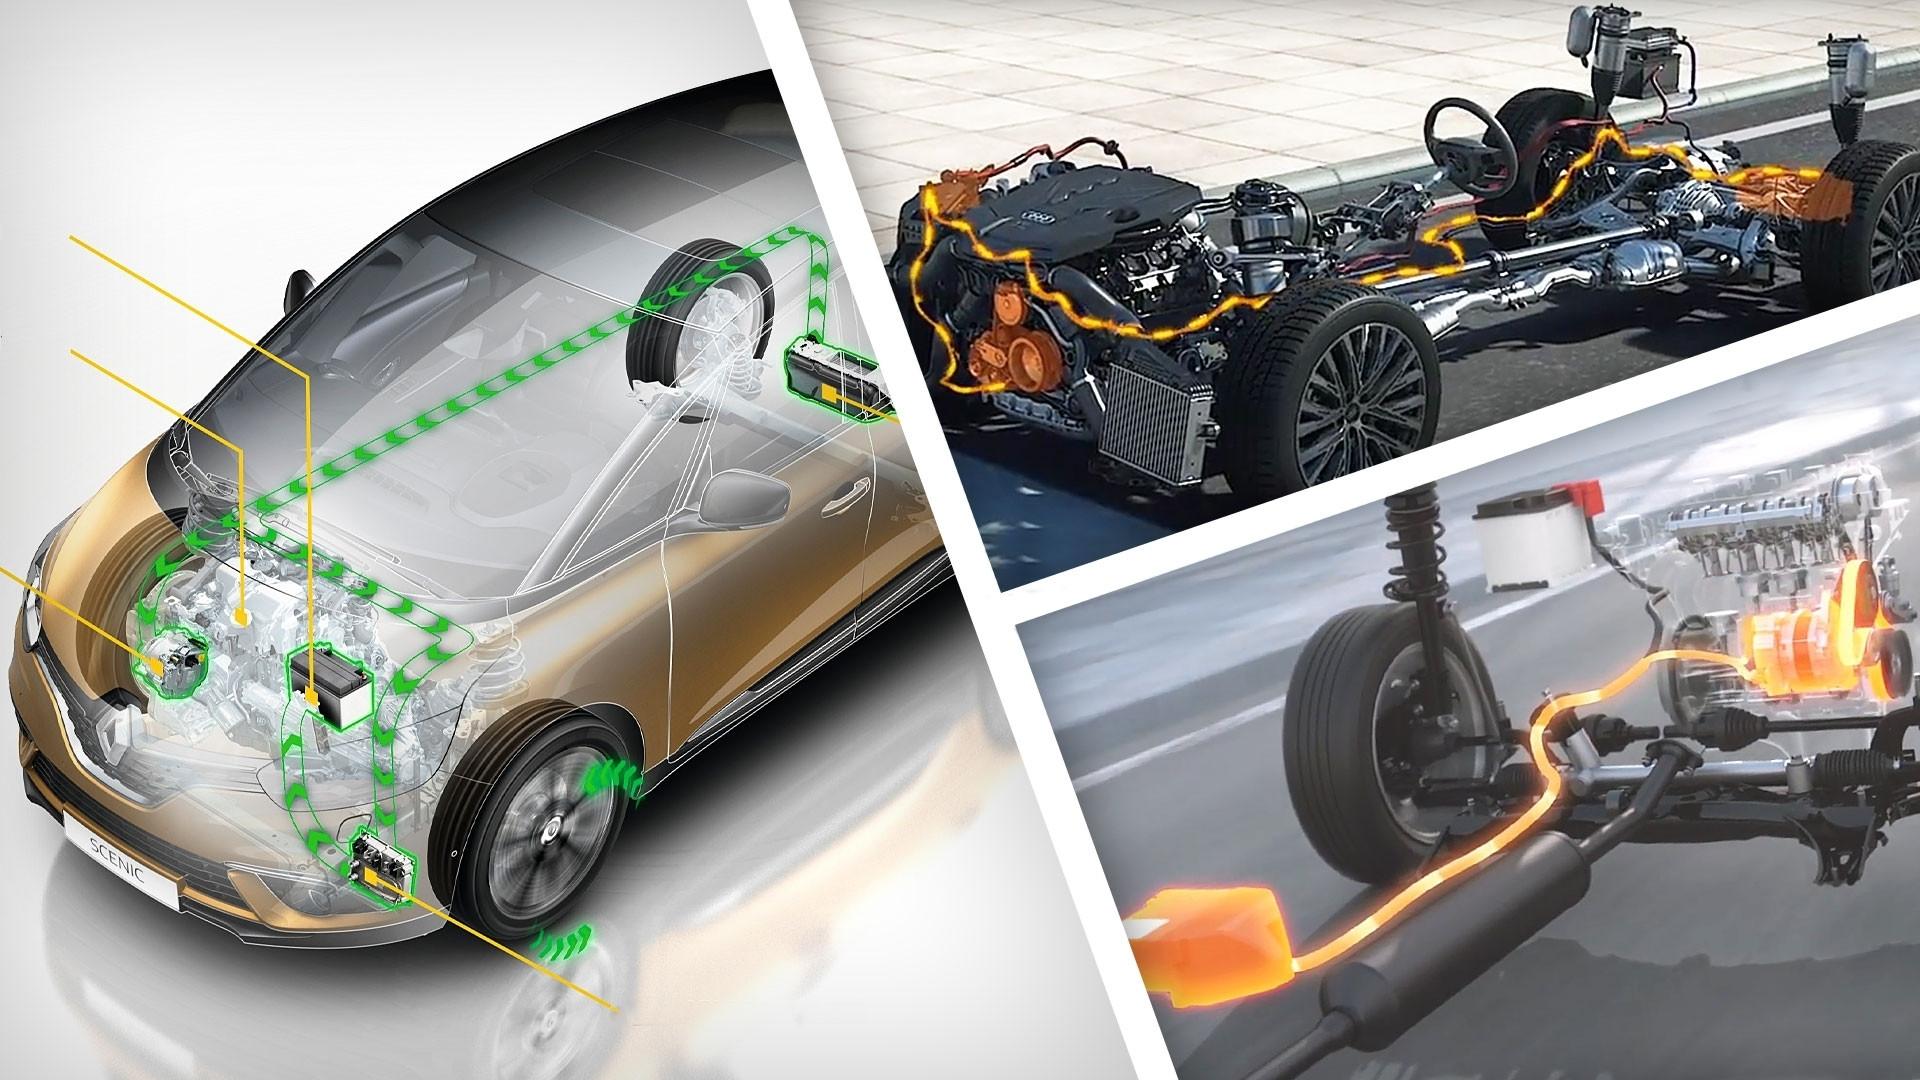 Schemi Elettrici Automobili Gratis : Auto mild hybrid cosa sono quante sono e a chi convengono